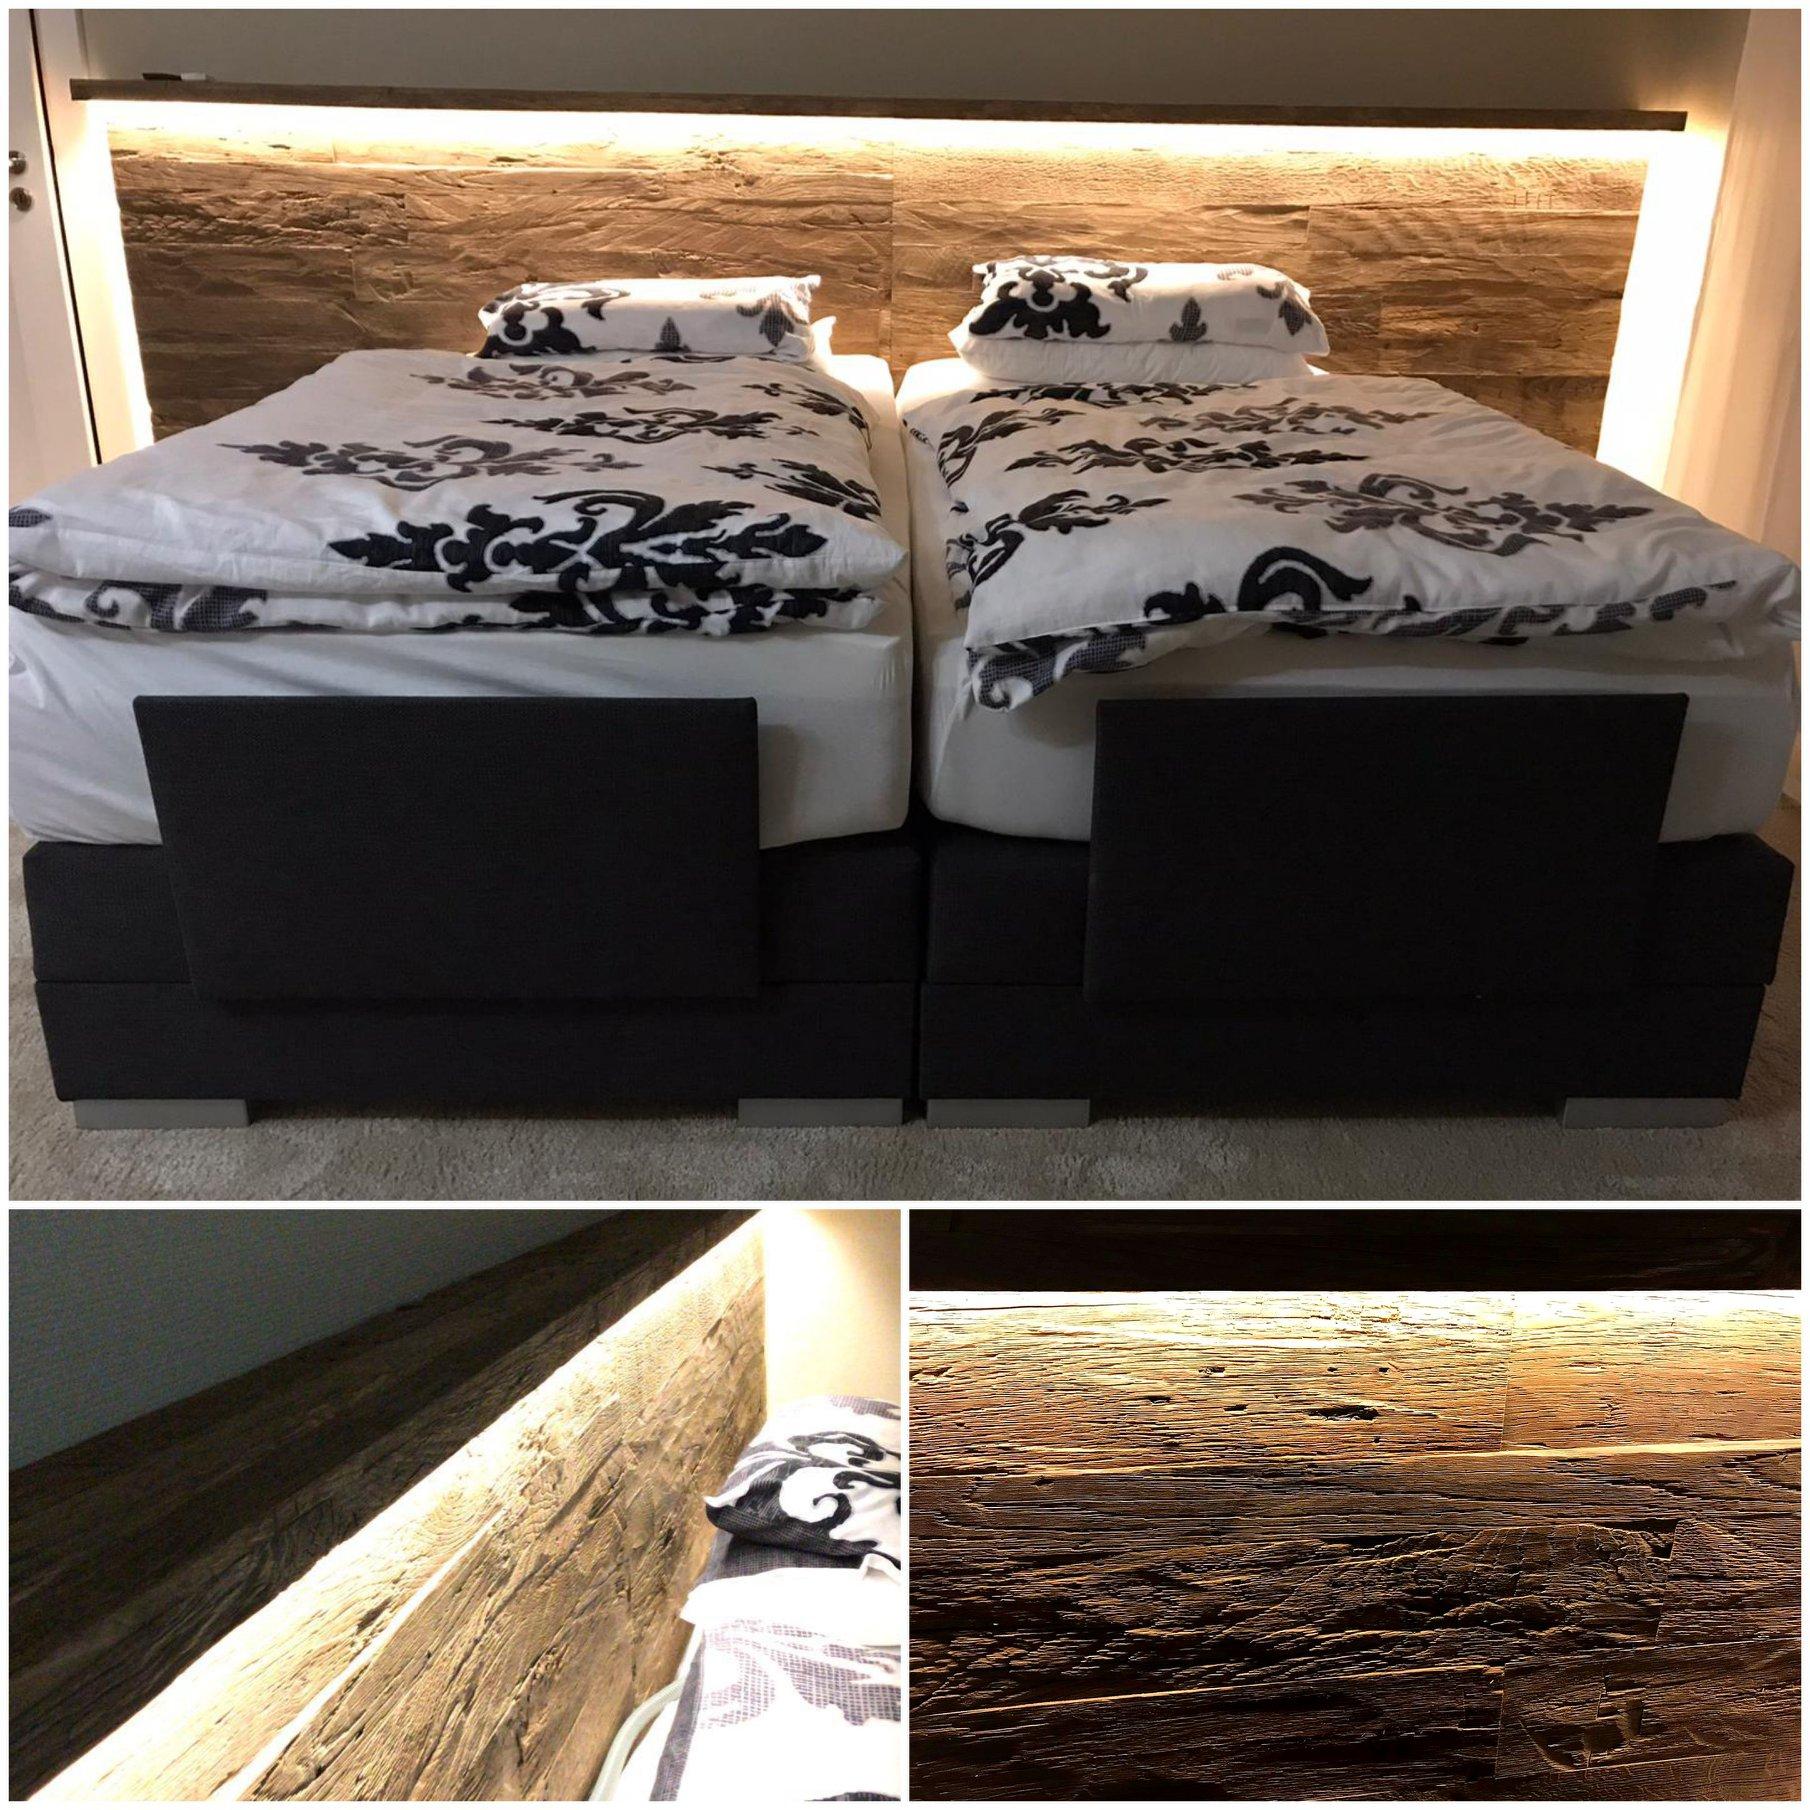 Kuechen_Montage_Ambiente_Cucine_Pimasens_Material_Design_Individuell_Schlafen_Zimmer_Handwerk_Holz